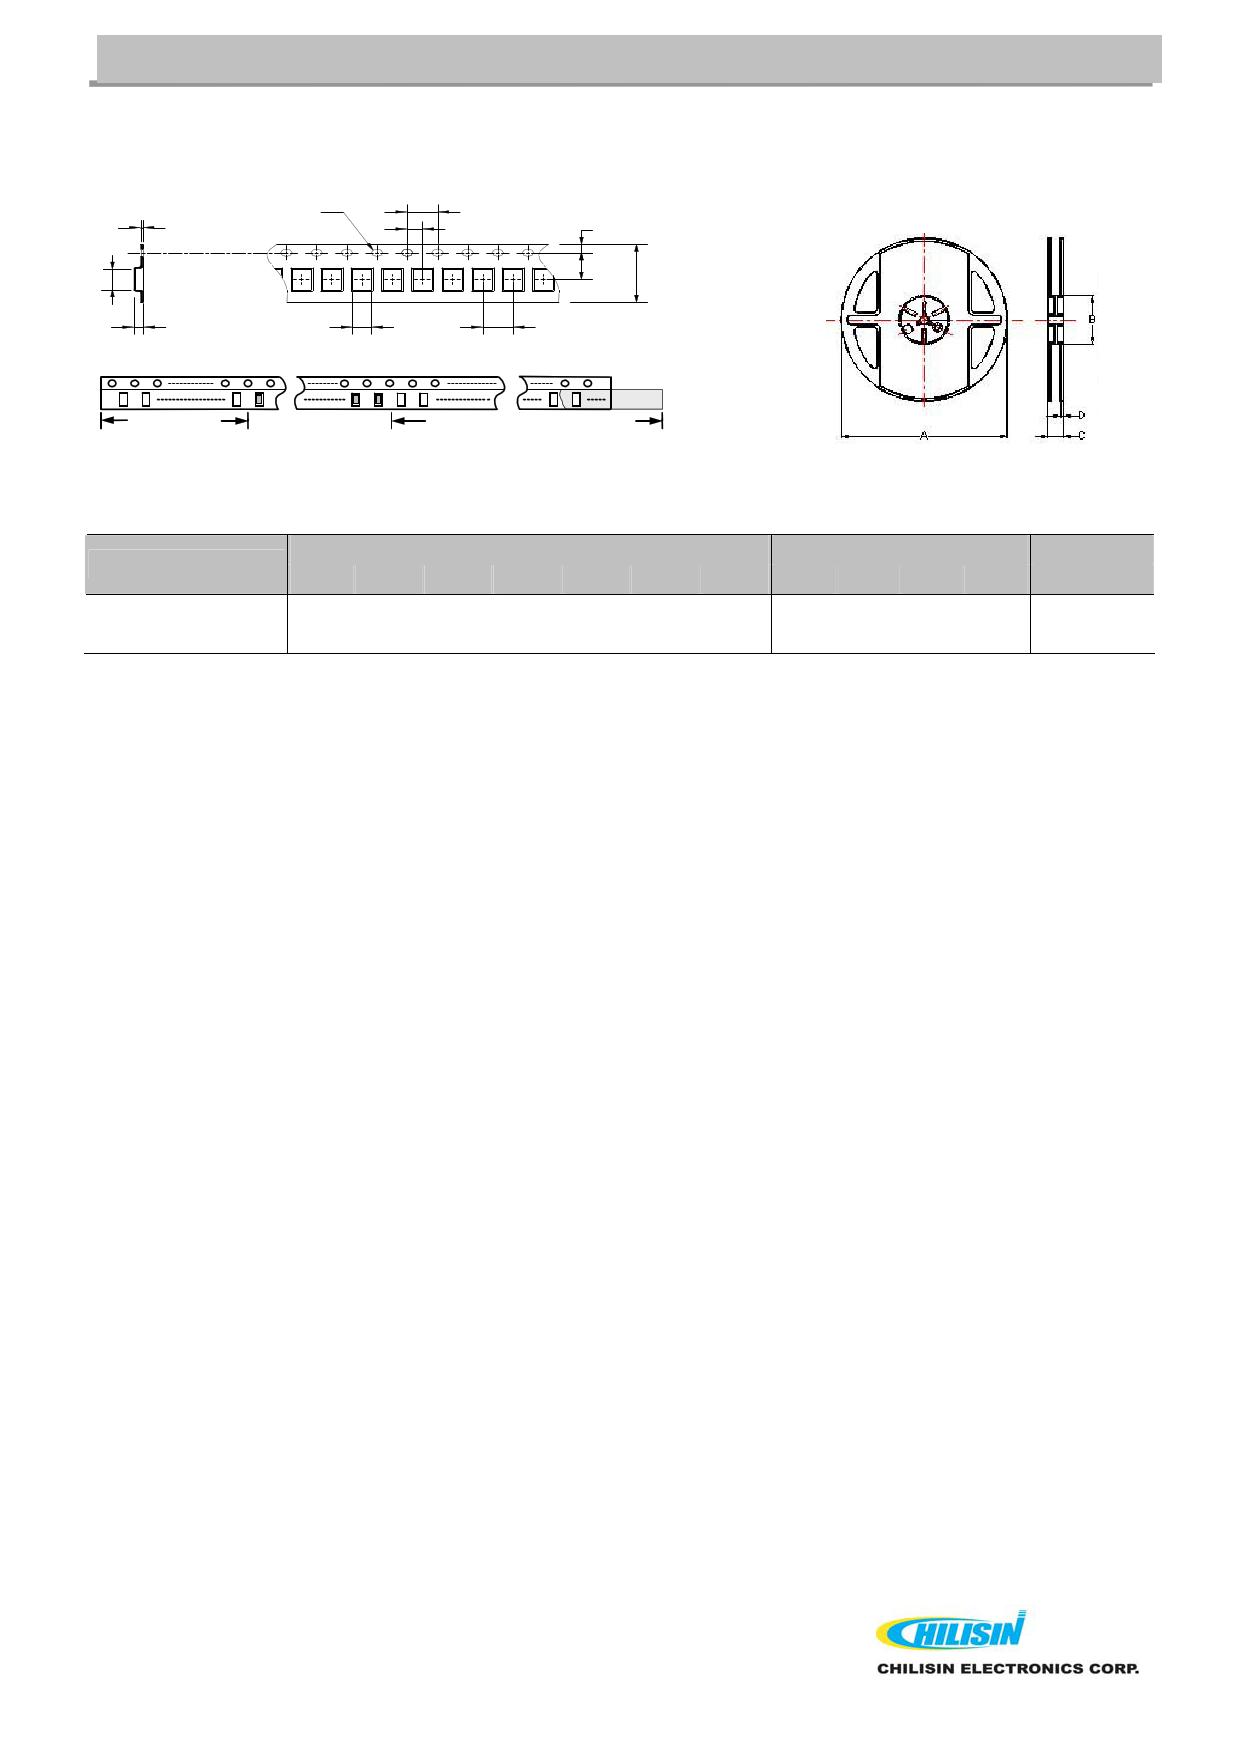 LT0805 pdf, 반도체, 판매, 대치품